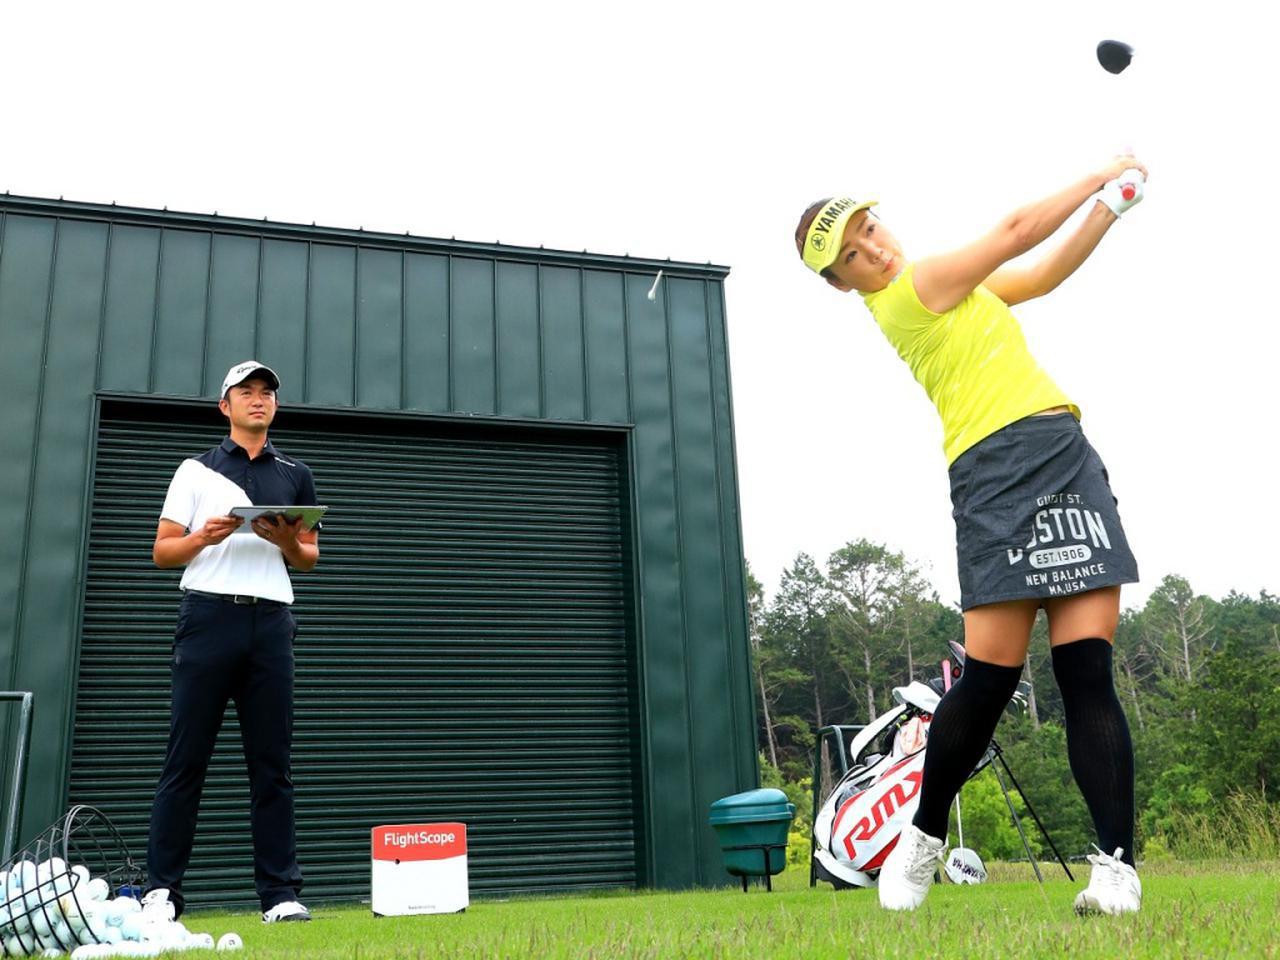 画像: 目澤秀憲。13歳でゴルフを始め、高校時代に埼玉アマ7位に入る。日本大学ゴルフ部を経て指導者の道へ。米国のティーチングシステム・TPIレベル3を取得、現在、河本結・有村智恵らを指導。ファイブエレメンツ西麻布店ヘッドインストラクター。